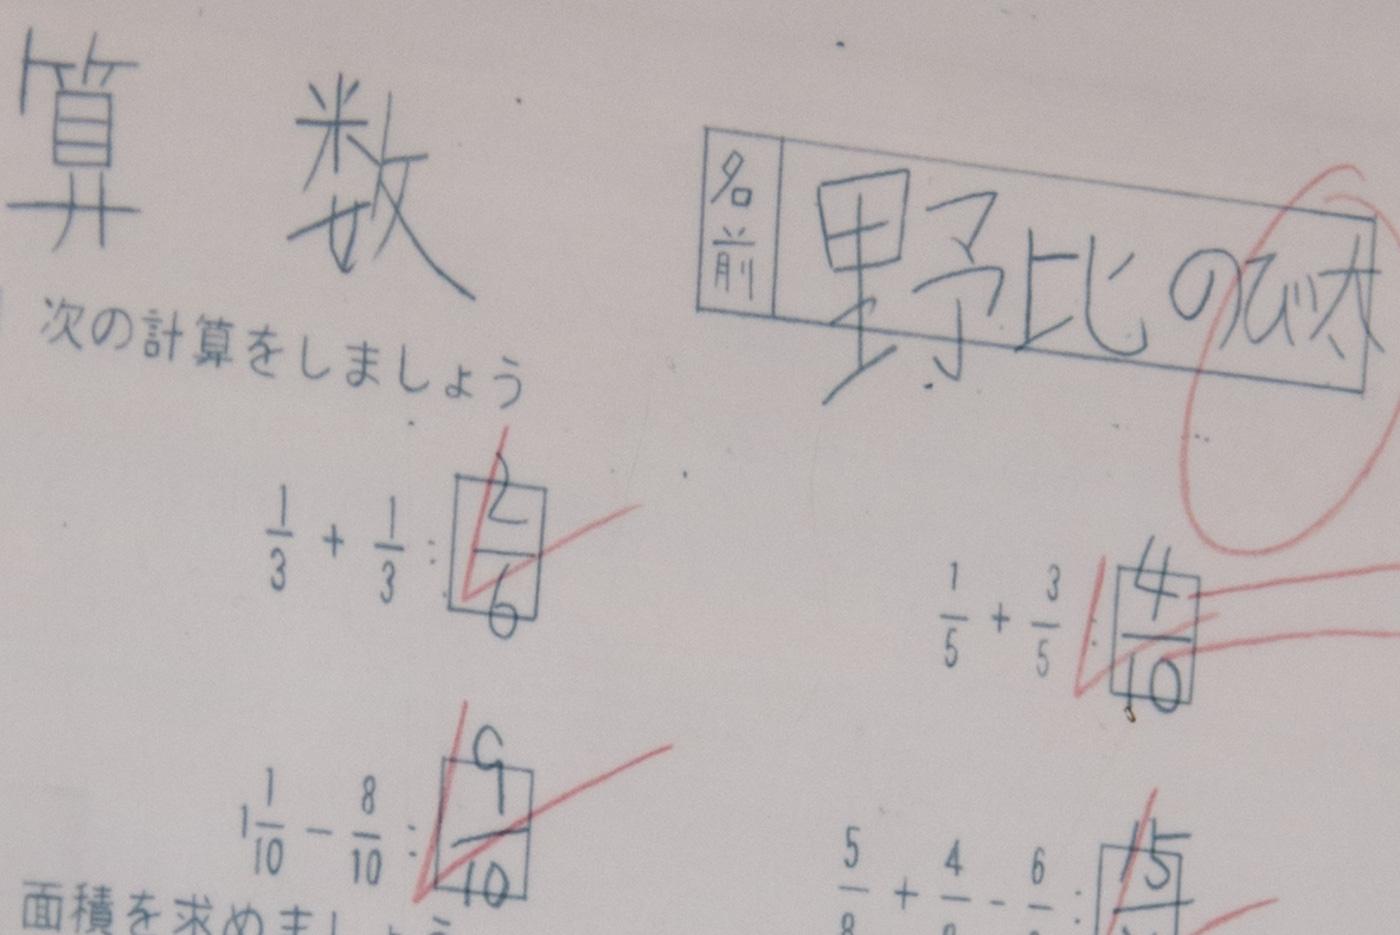 テレビ朝日本社1F、のび太の答案